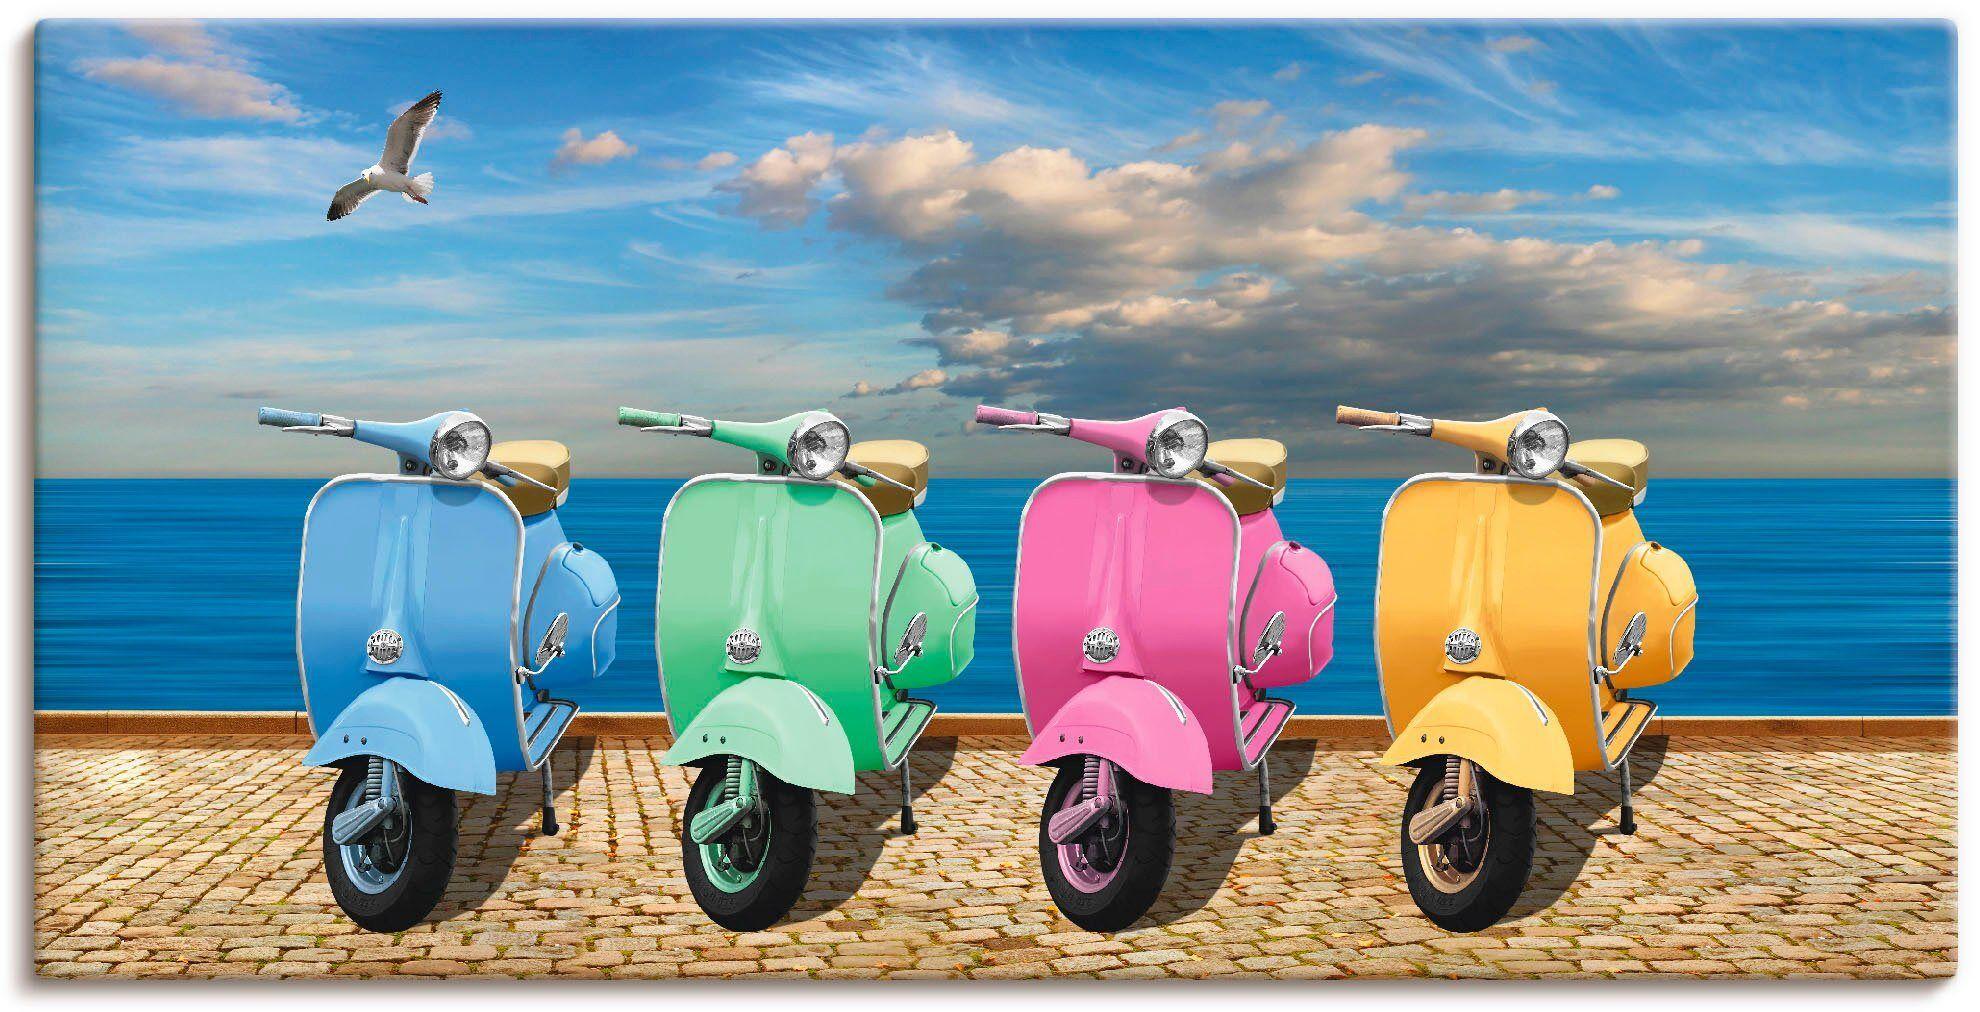 Artland Wandbild »Vespa-Roller in bunten Farben«, Motorräder & Roller (1 Stück)